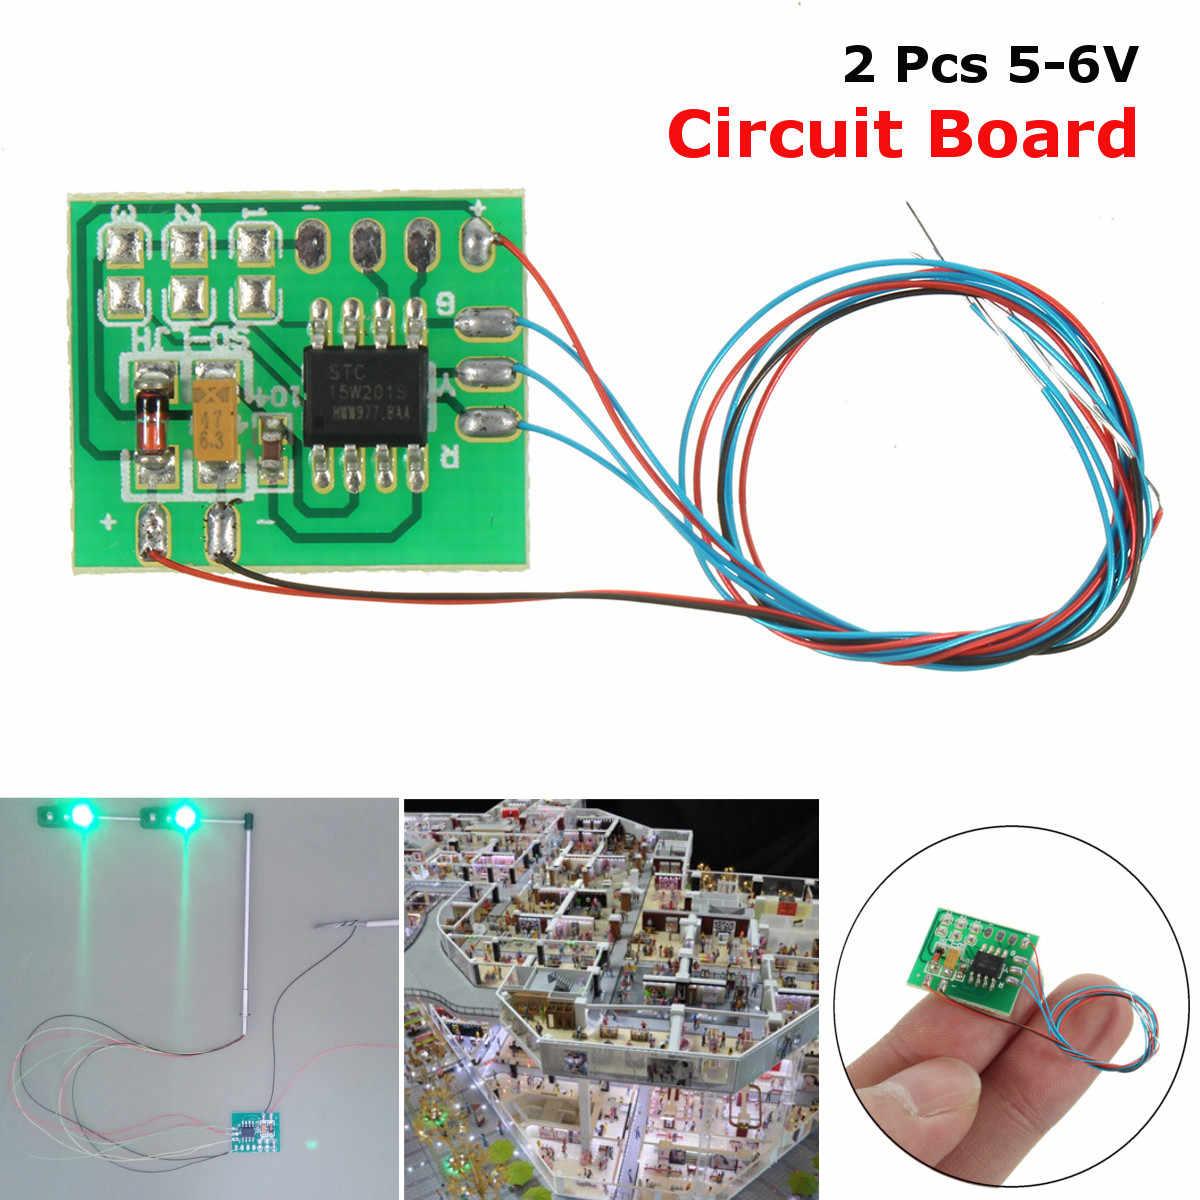 2 sztuk DIY skala piasek budowlany tabeli modelu sygnalizacji świetlnej modelu sygnału płytka obwodowa LED HO skala pociągu kolejowego miniatury